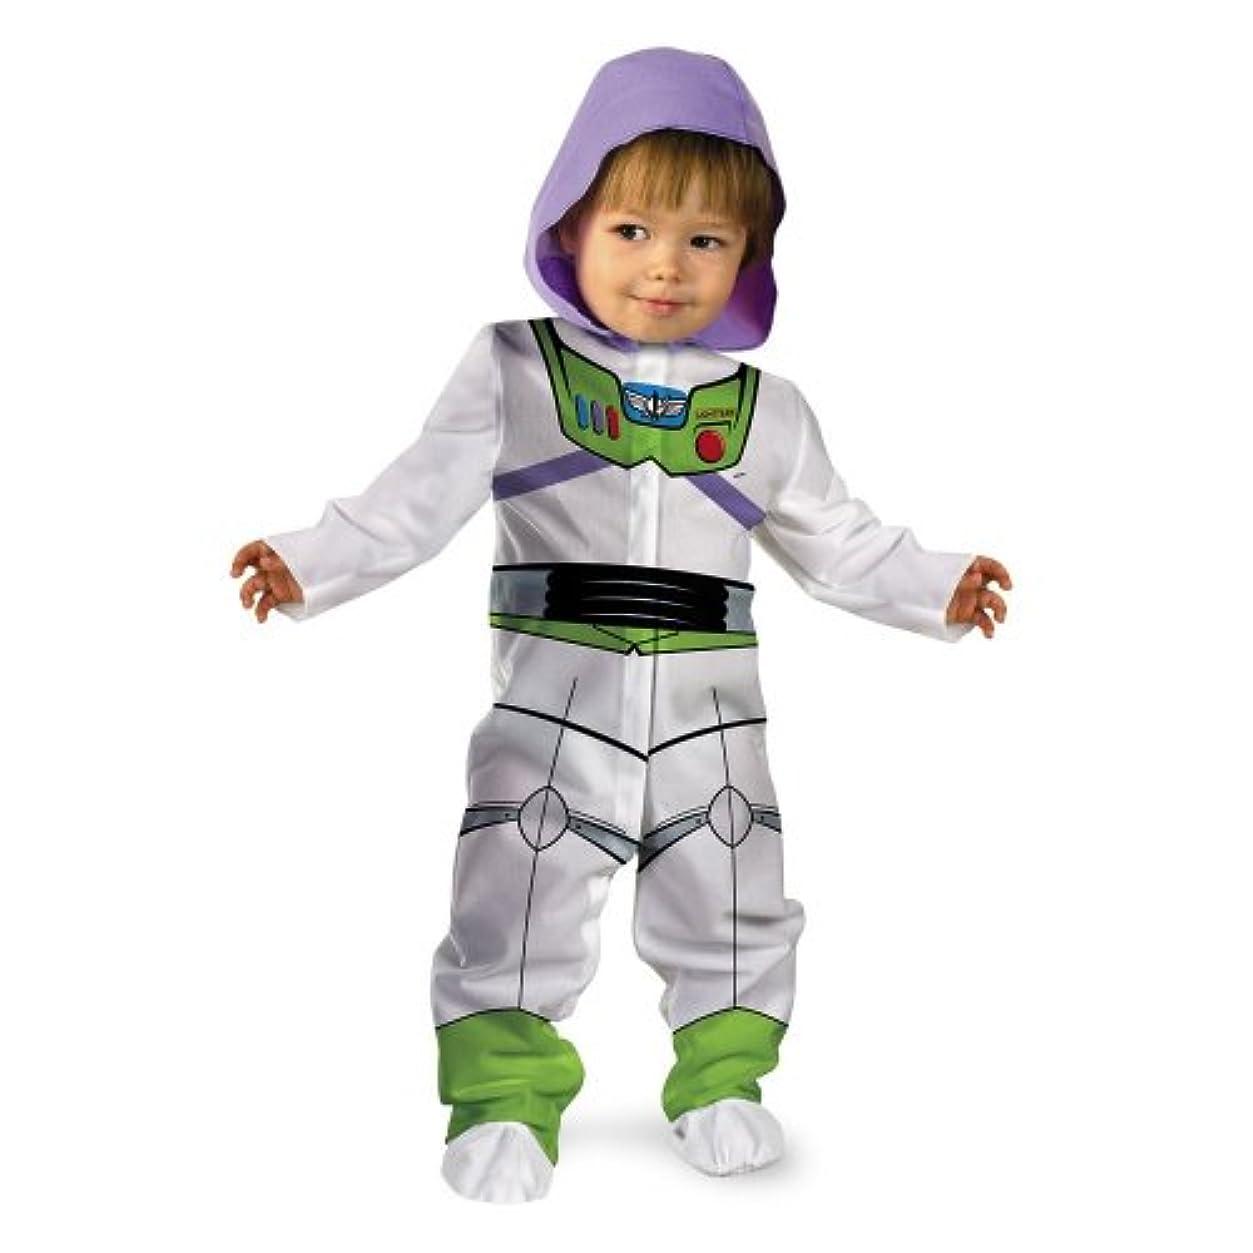 羊の服を着た狼く明示的にDisney Toy Story - Buzz Lightyear Infant Costume ディズニートイ?ストーリー - バズ?ライトイヤー幼児コスチューム サイズ:12-18 Months